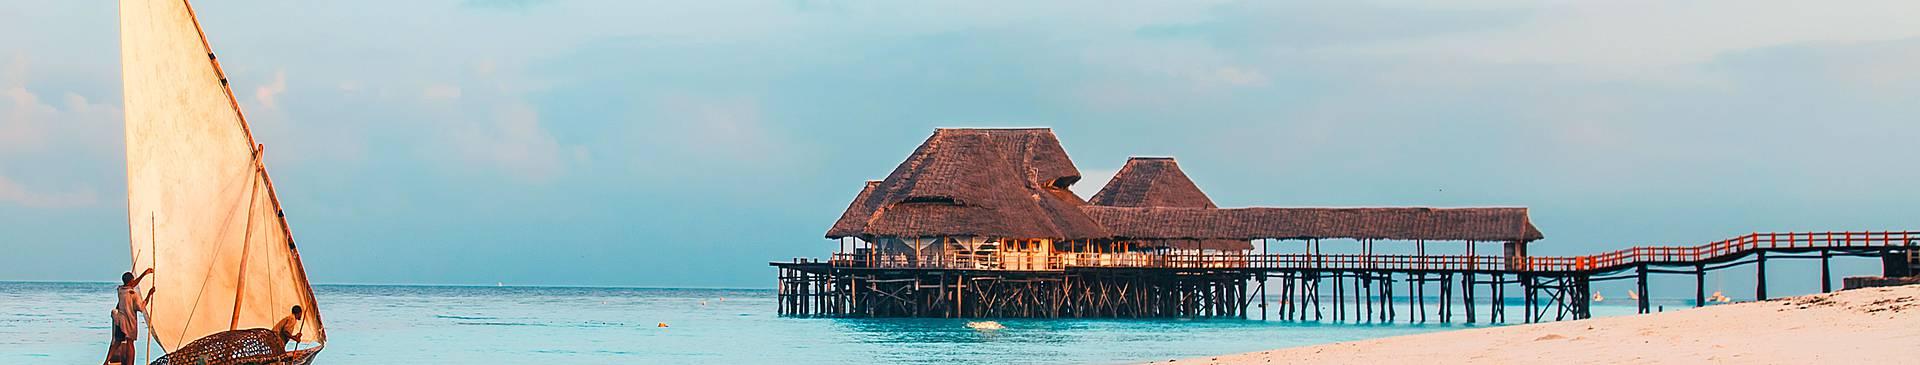 Viaggi al mare in Tanzania